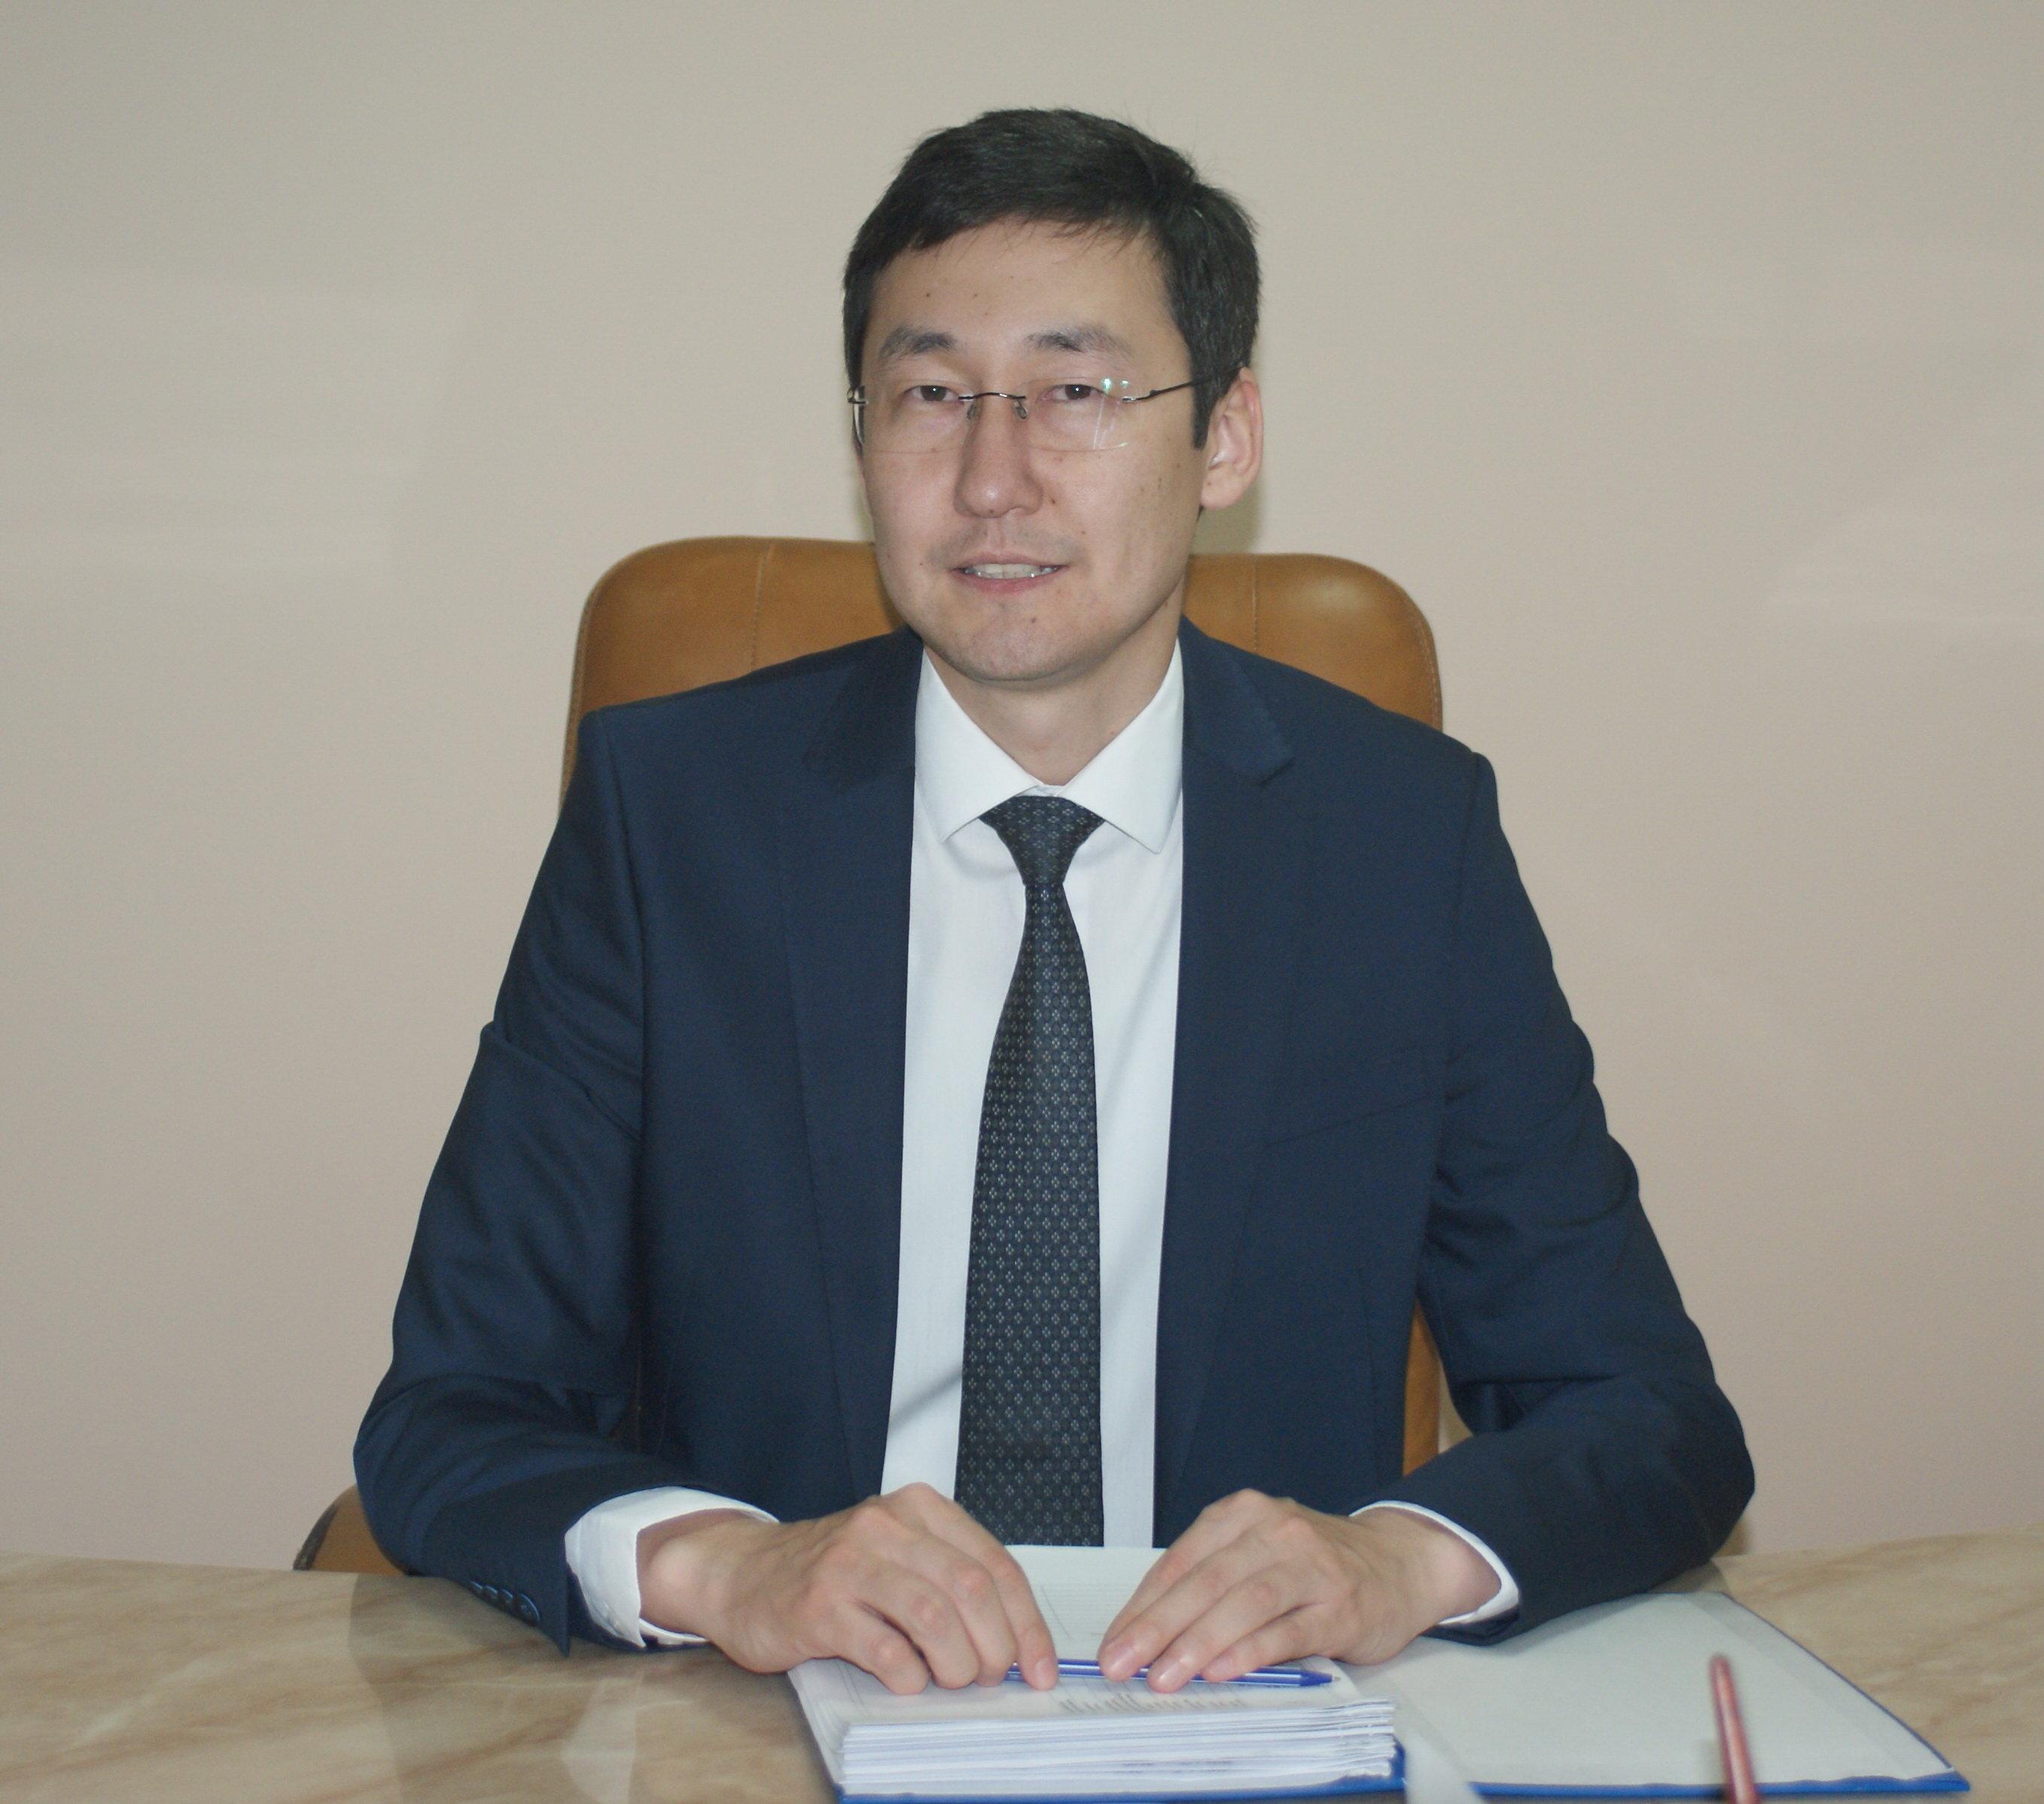 Тимур Султангазиев - начальник управления здравоохранения Северо-Казахстанской области